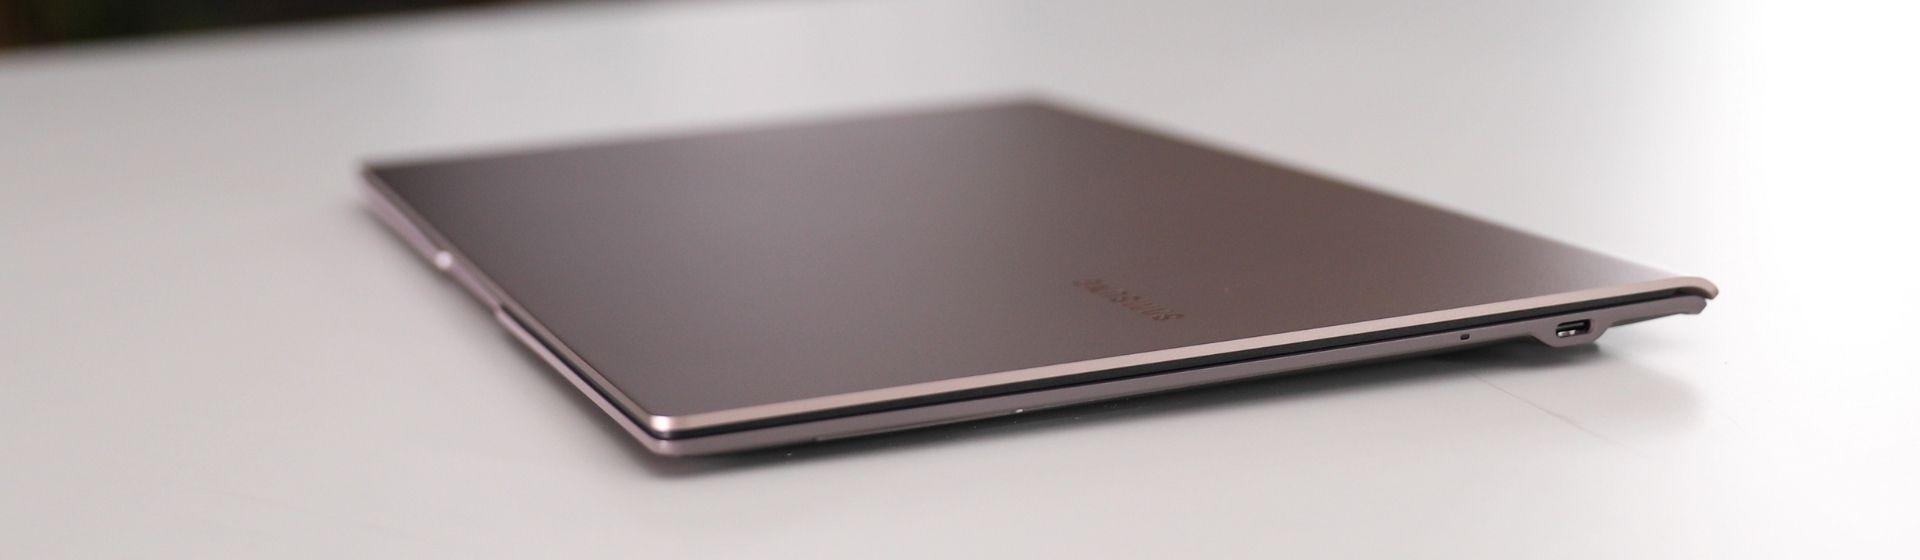 Melhor notebook Samsung i5 para comprar em 2021: veja 6 modelos